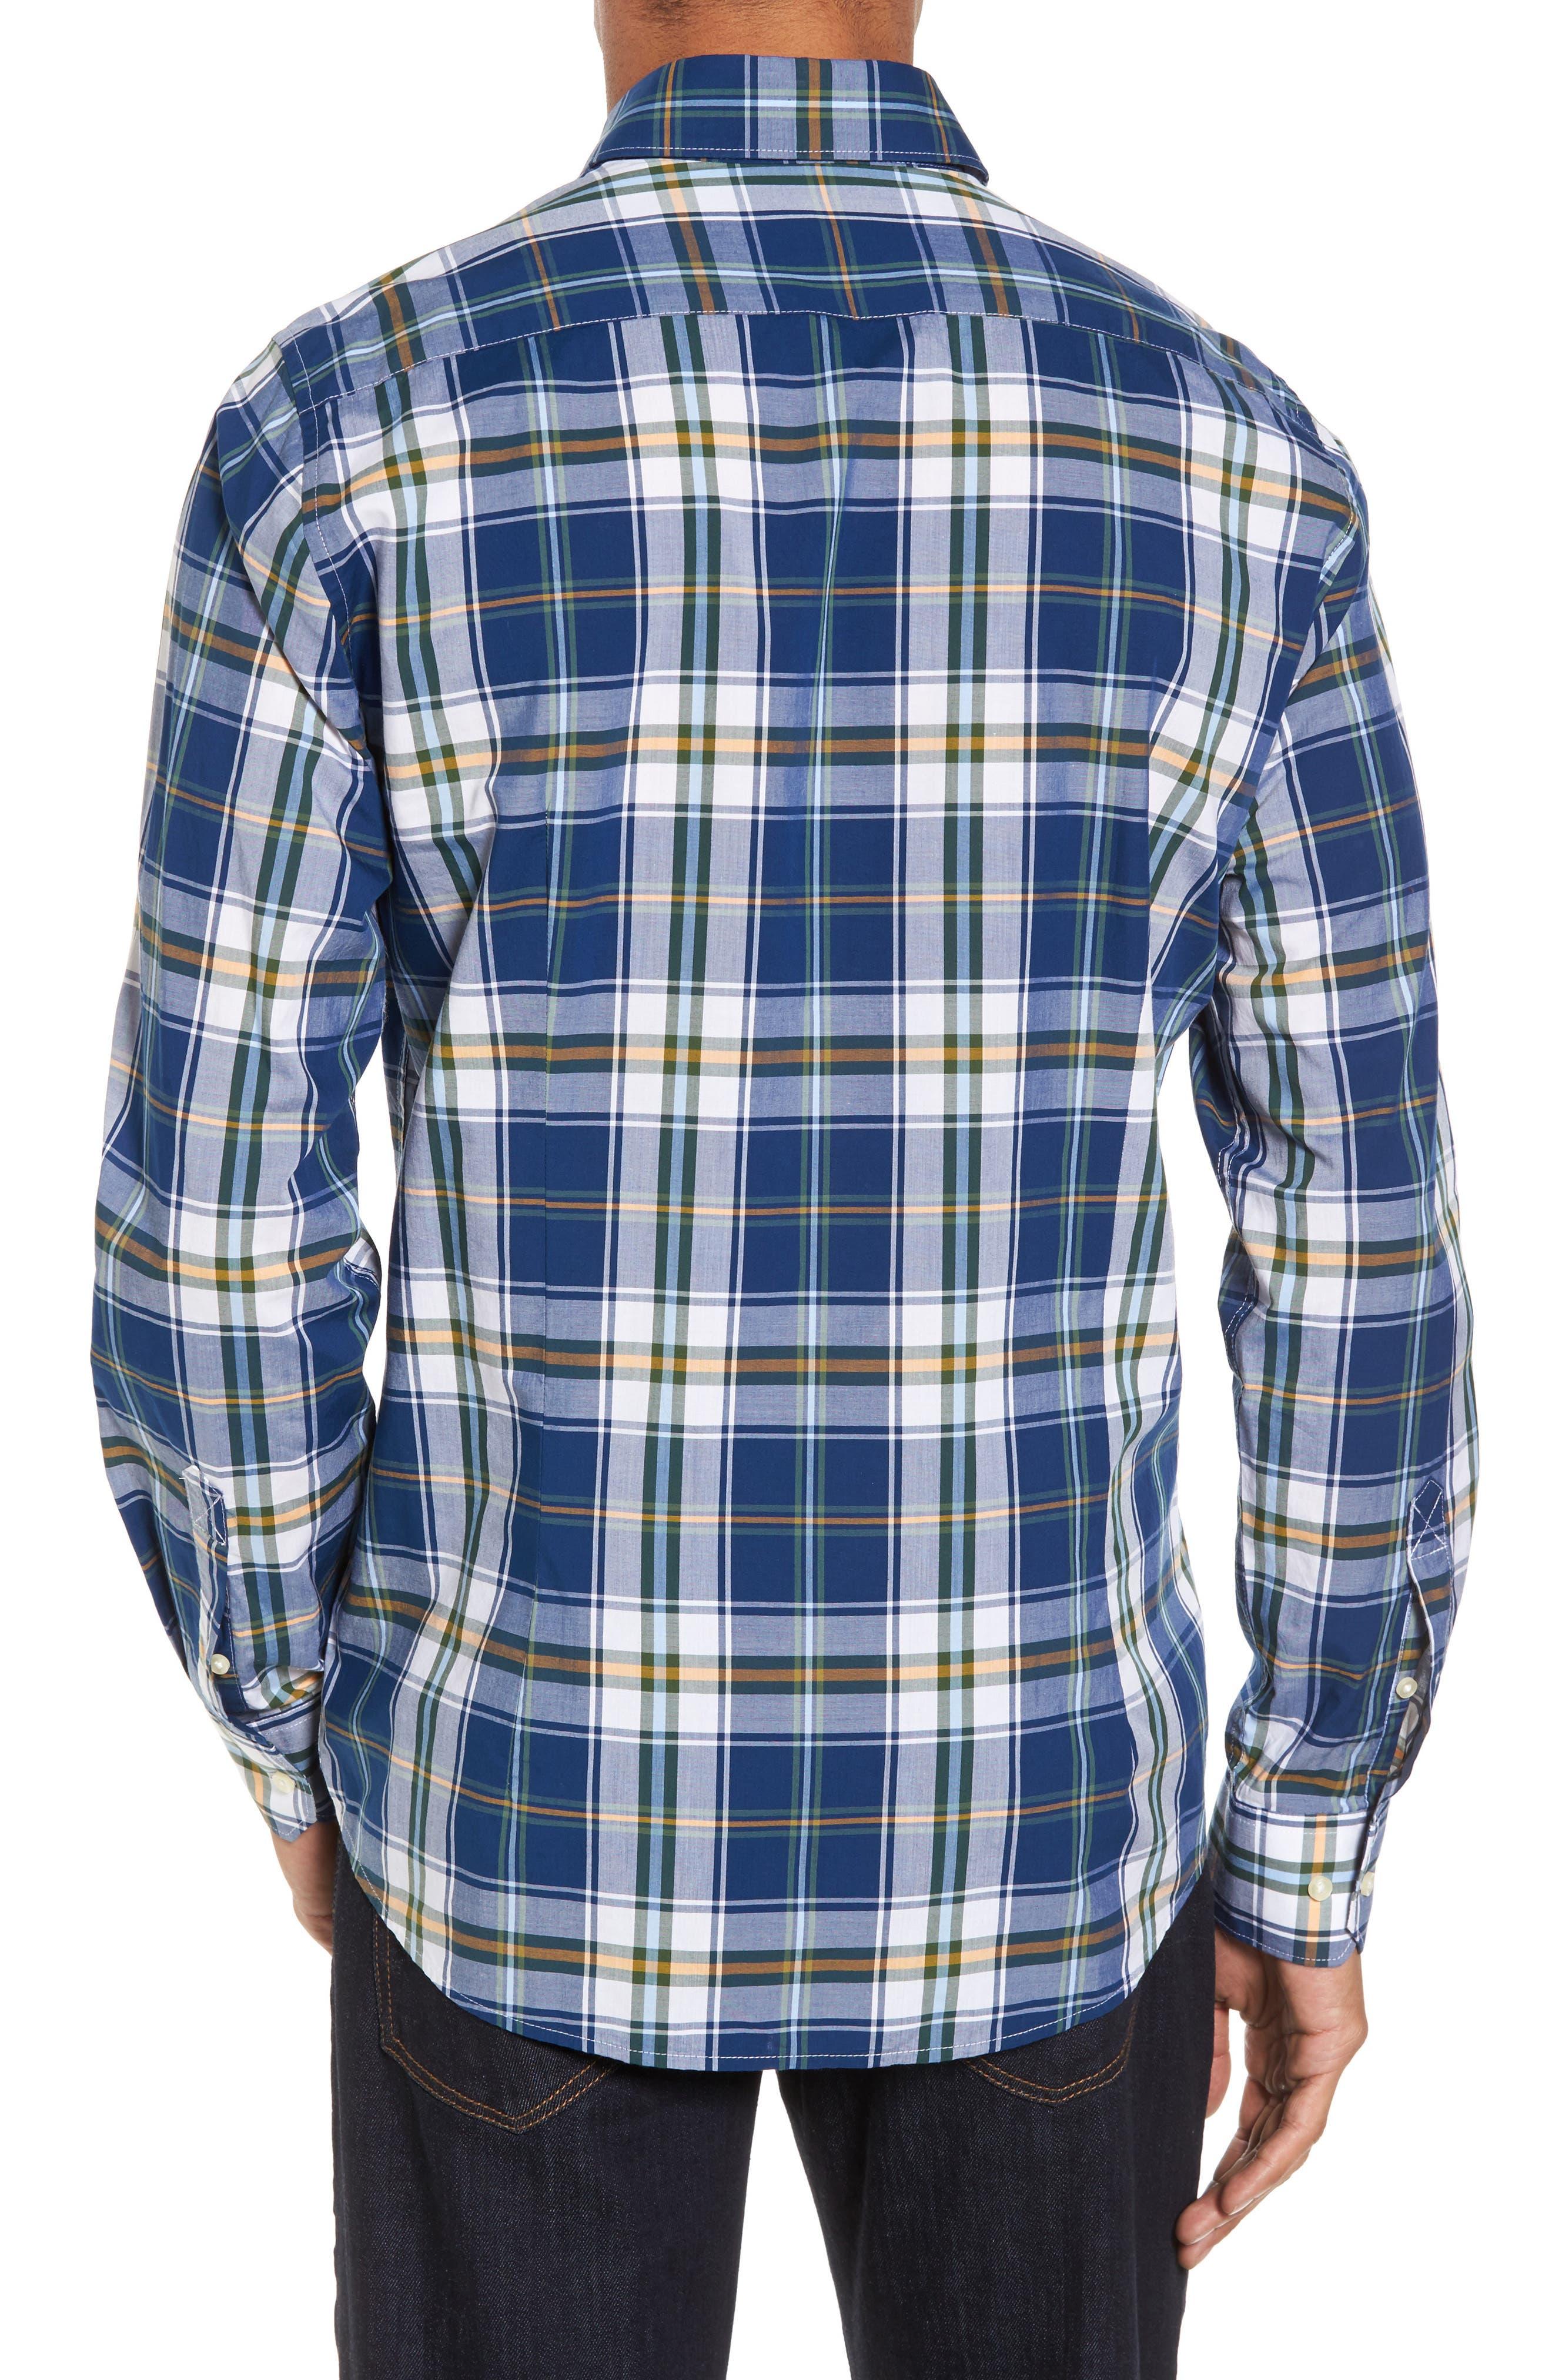 Jeff Trim Fit Plaid Sport Shirt,                             Alternate thumbnail 2, color,